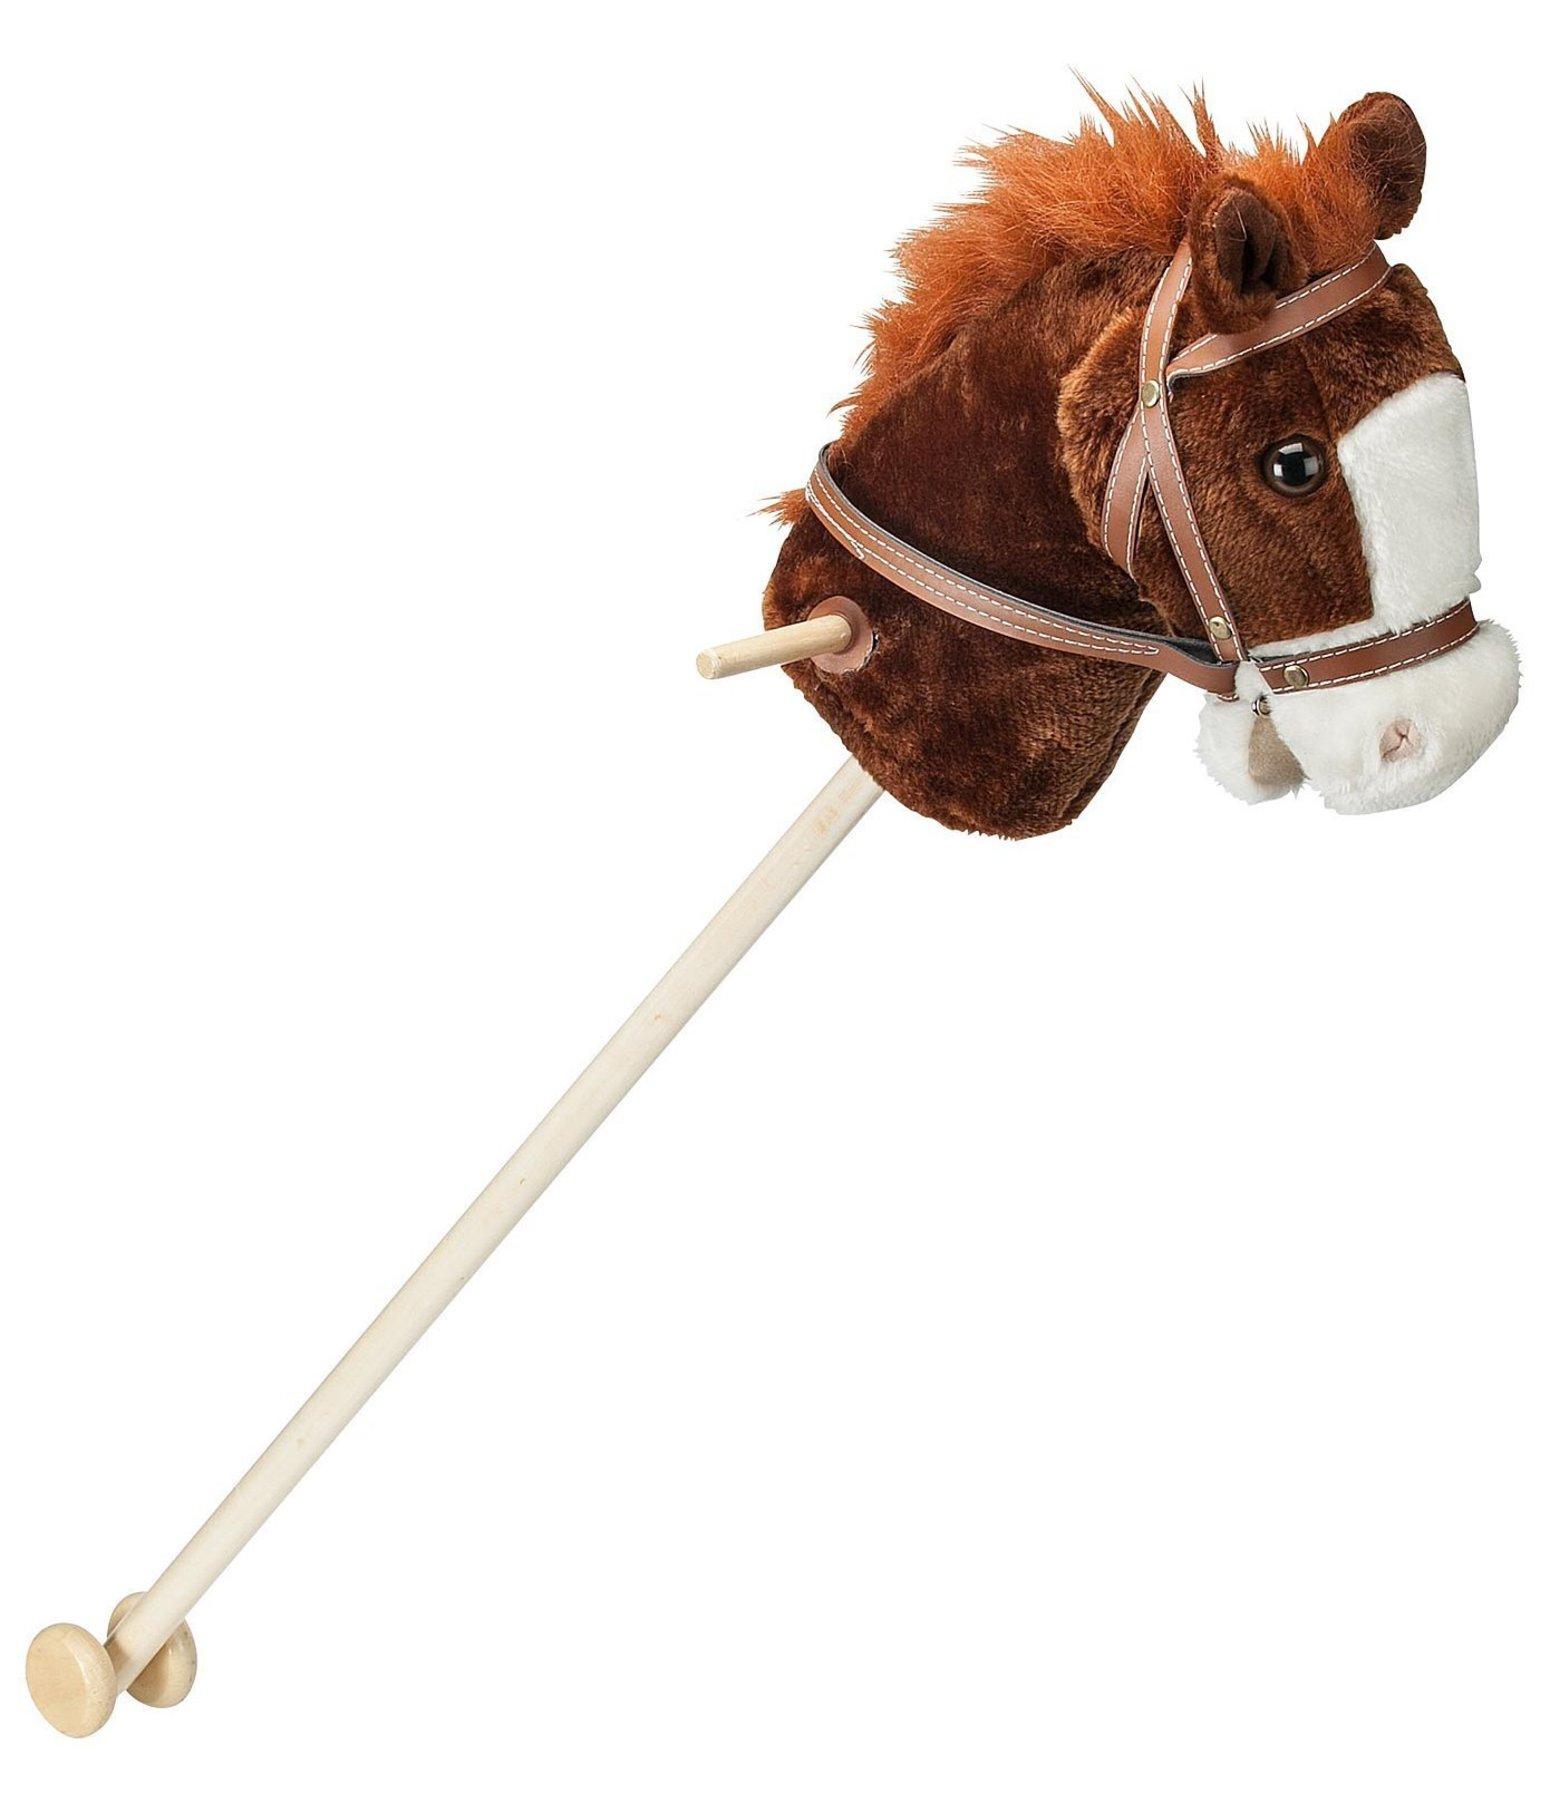 cheval b ton merlin jouets kramer equitation. Black Bedroom Furniture Sets. Home Design Ideas